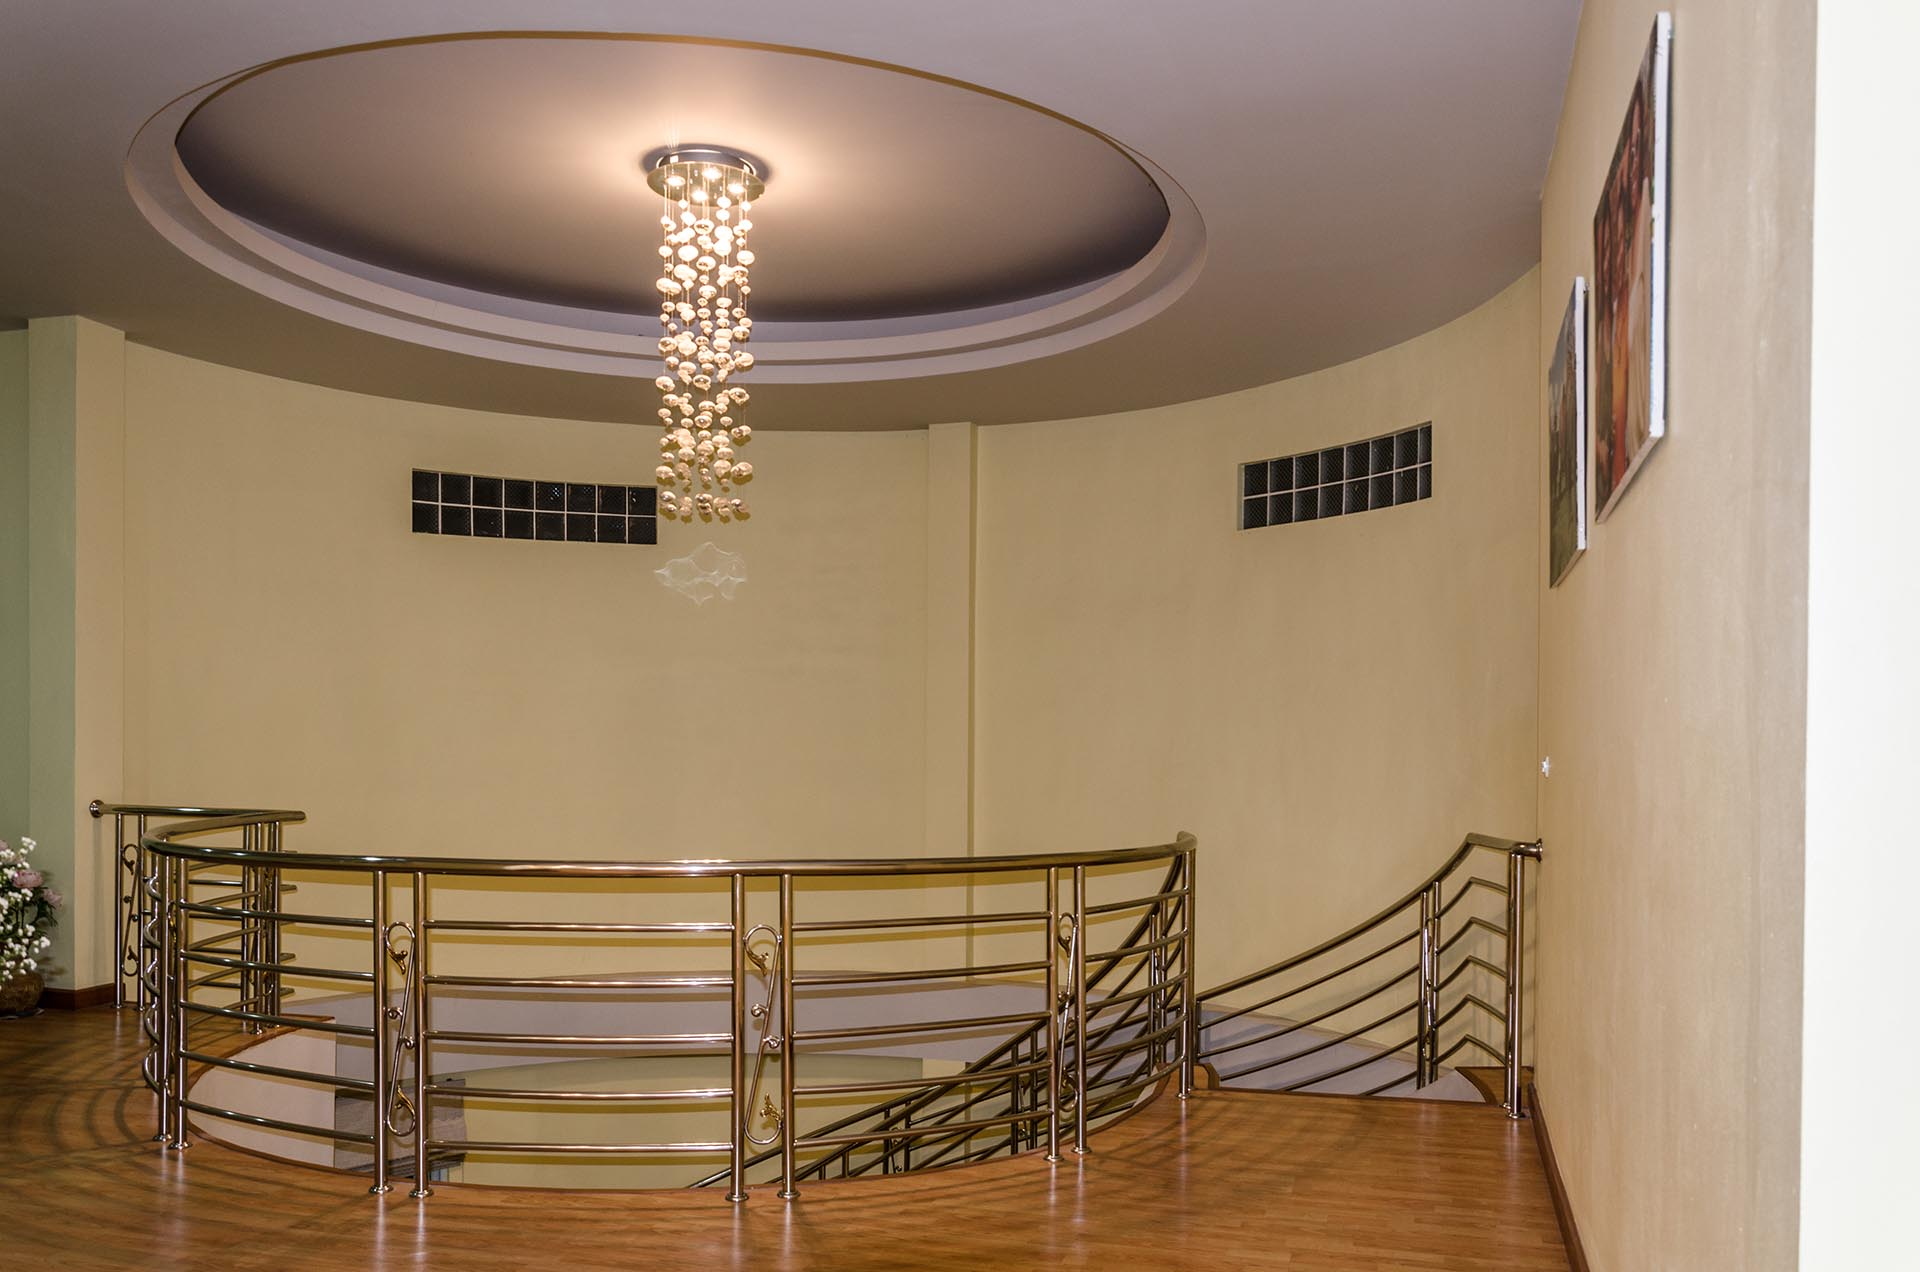 Buriram Home Stairwell